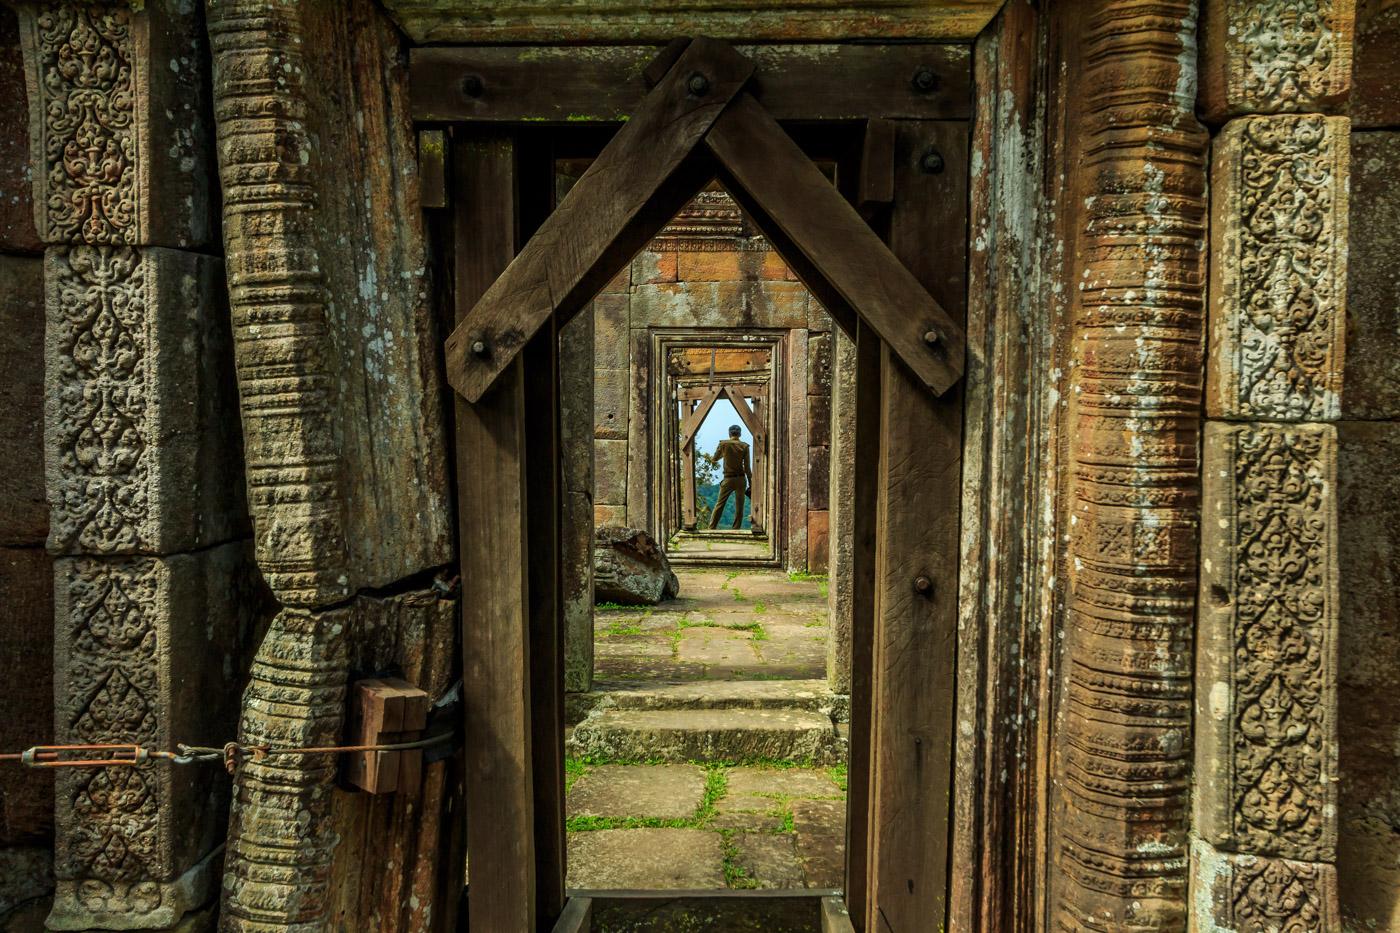 A soldier in the doorway.